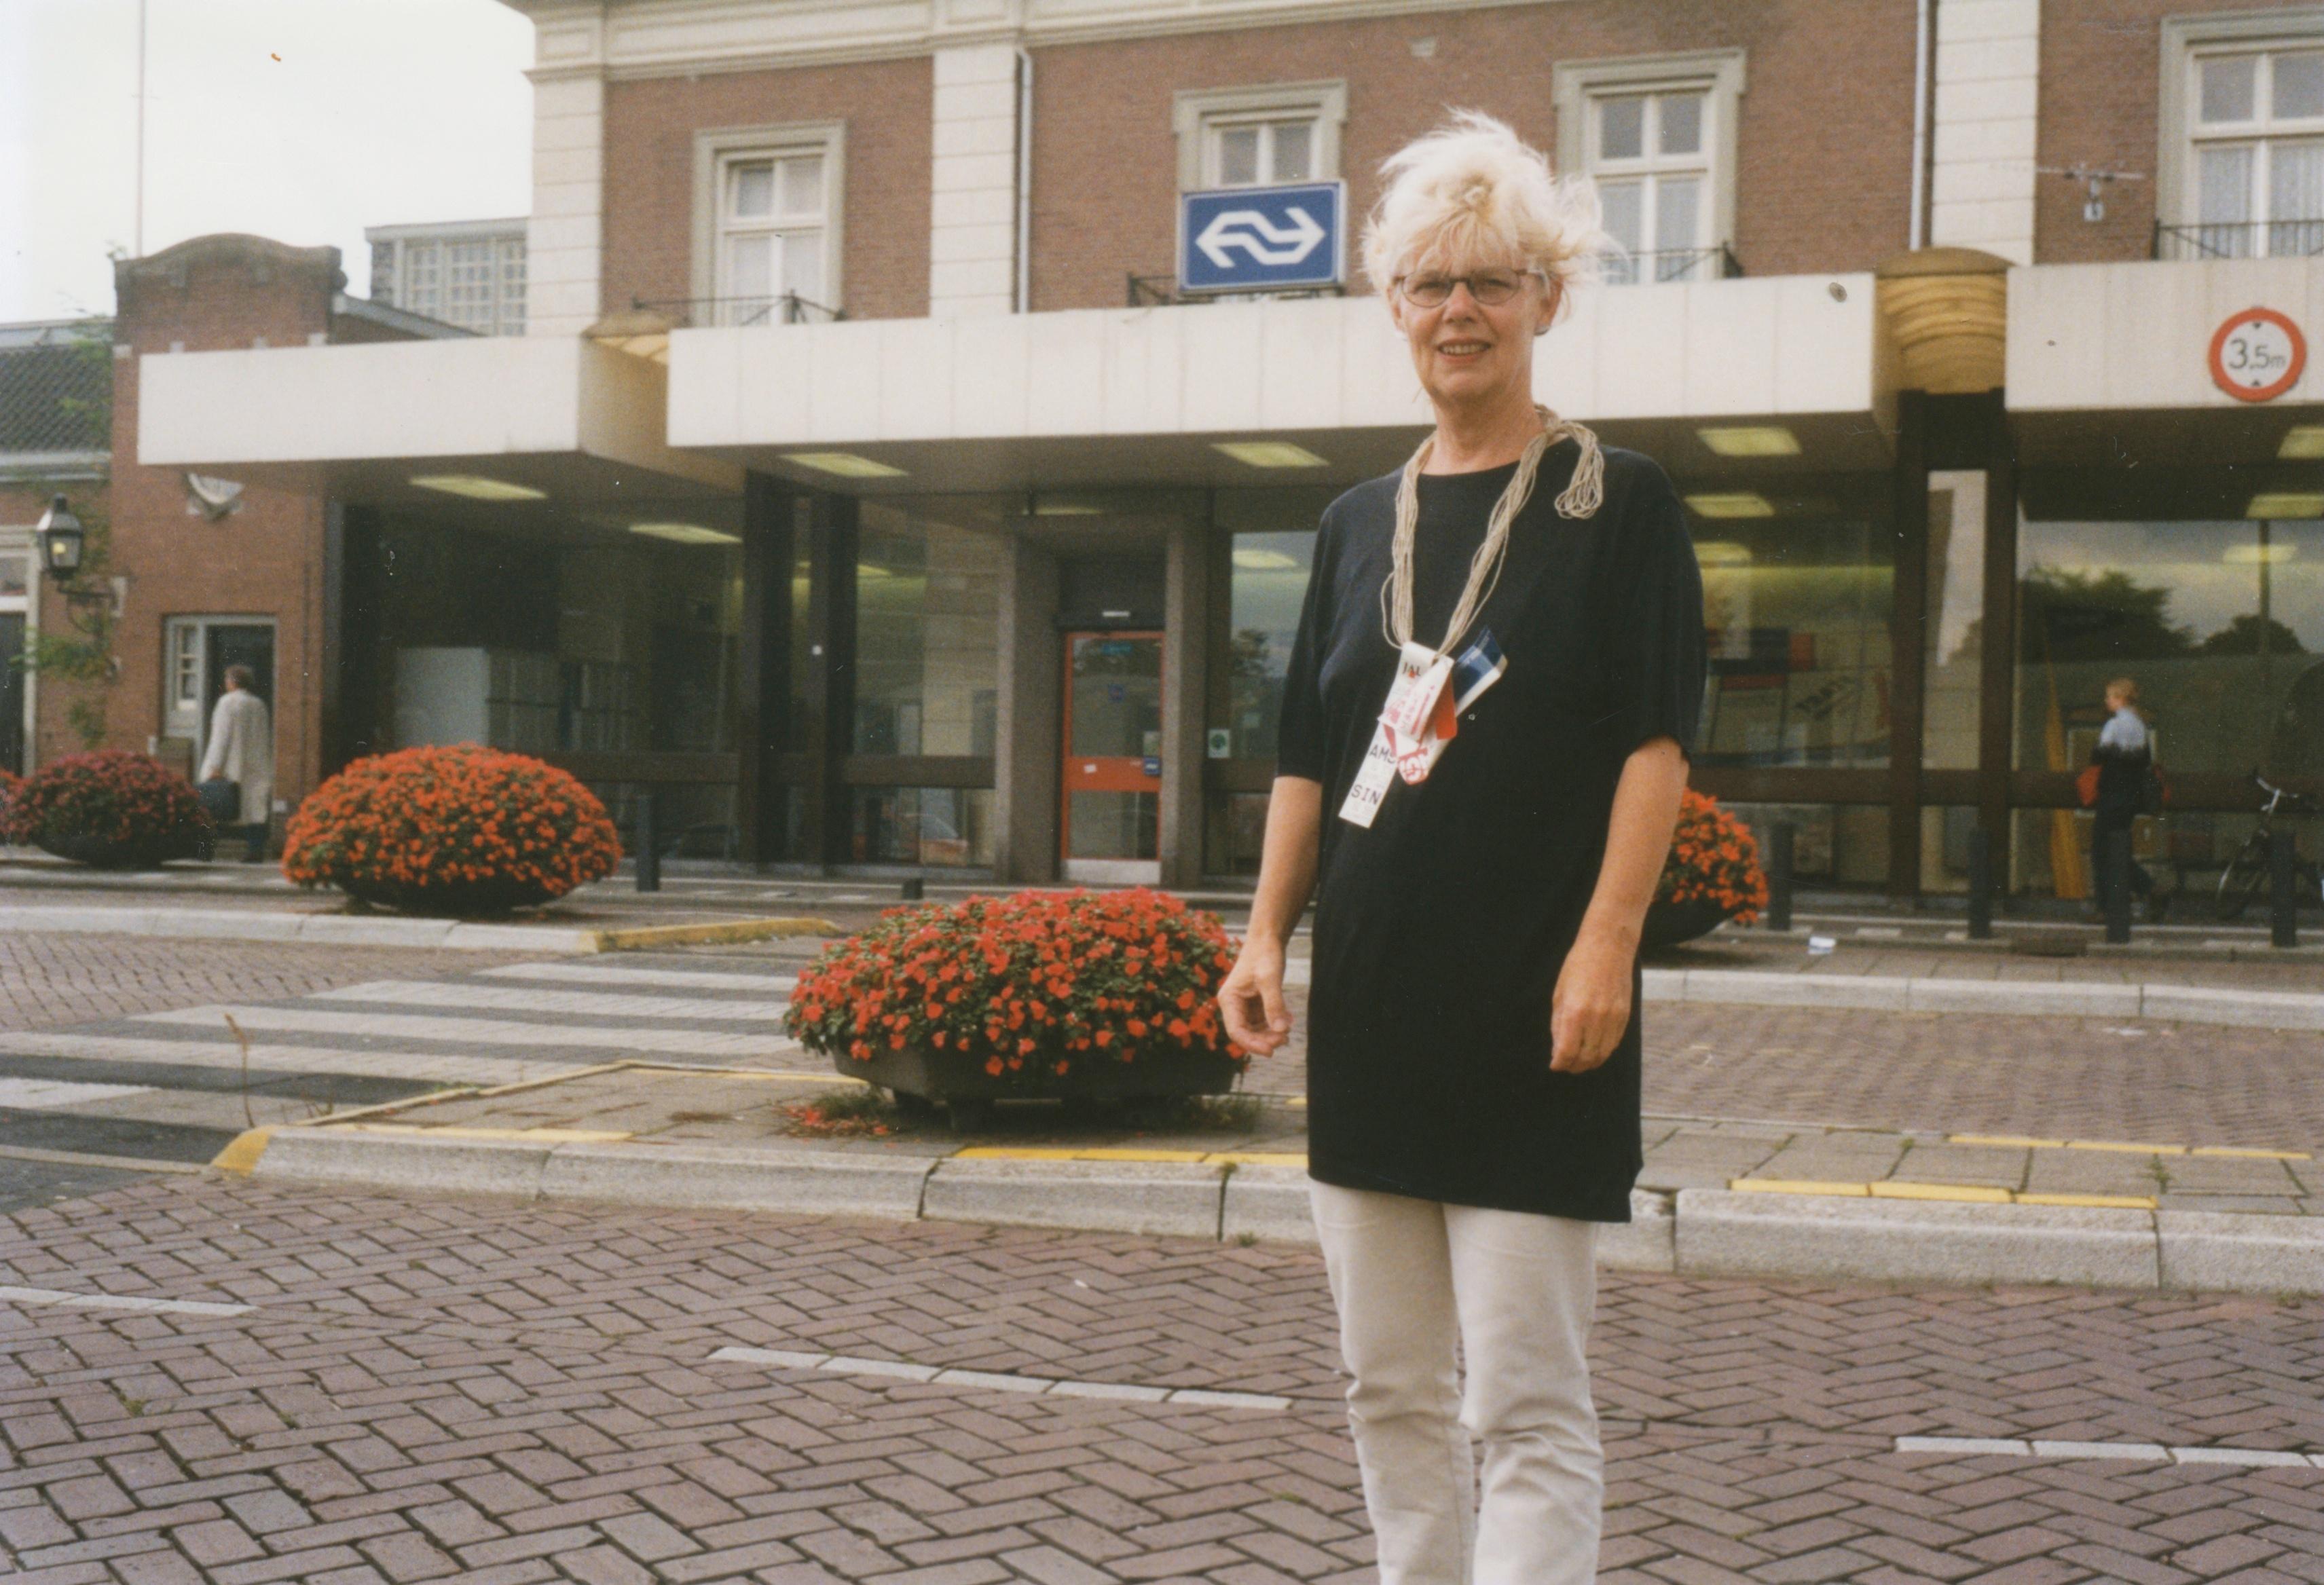 Claartje Keur, Zelfportret met halssieraad van Rob Scholte, Apeldoorn, Station, 10 september 1998. Foto Claartje Keur